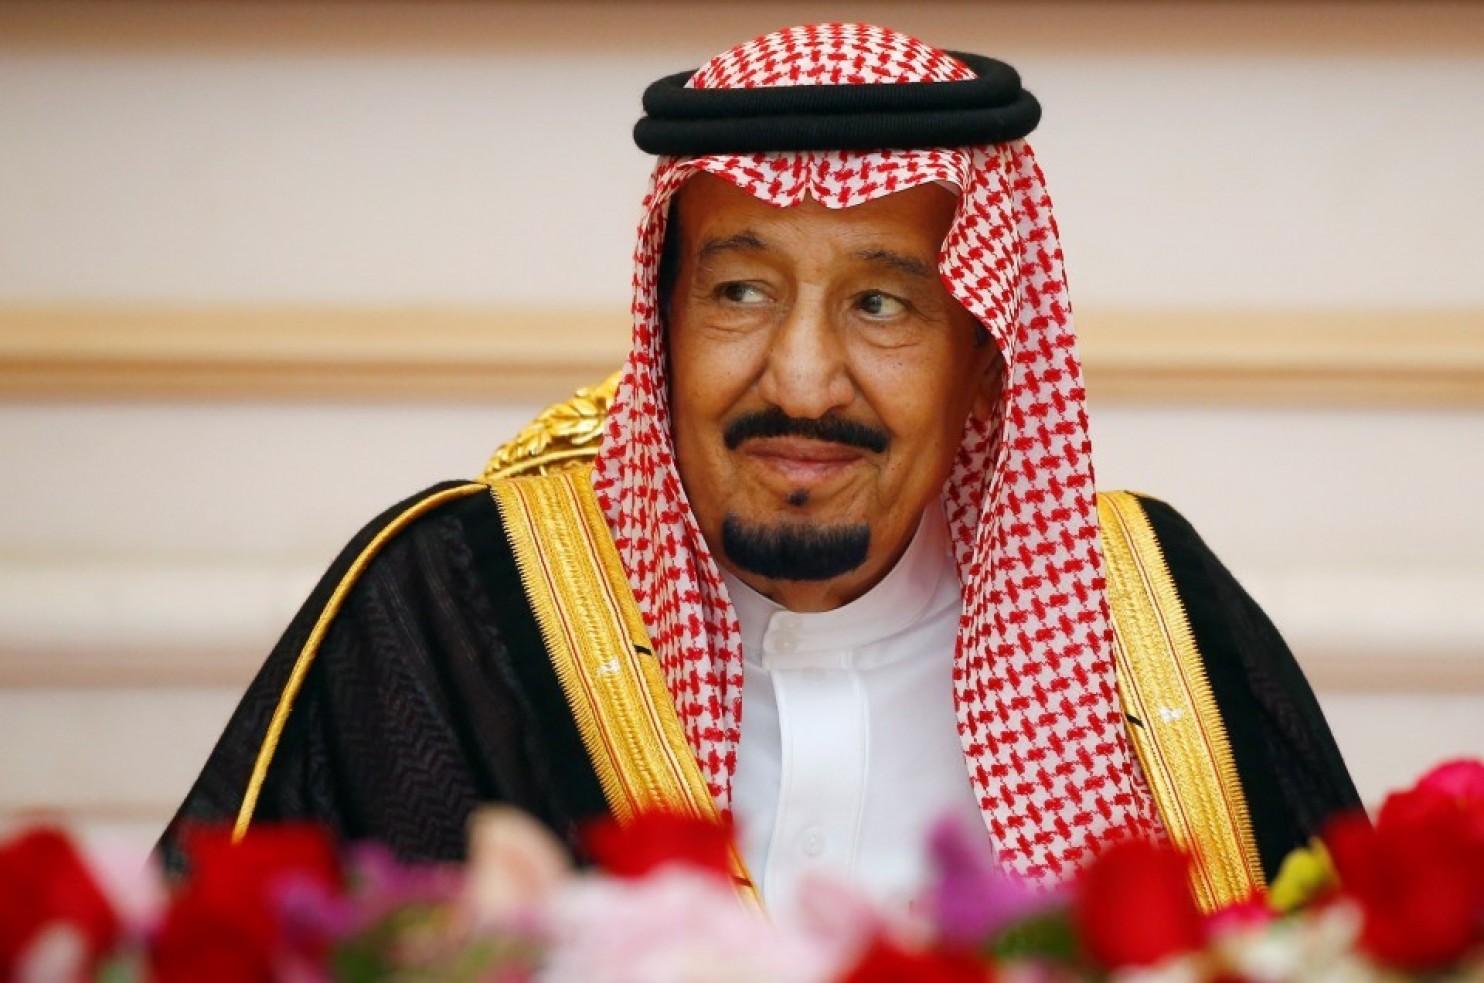 Rey saudita visita Indonesia, segunda escala de gira asiática